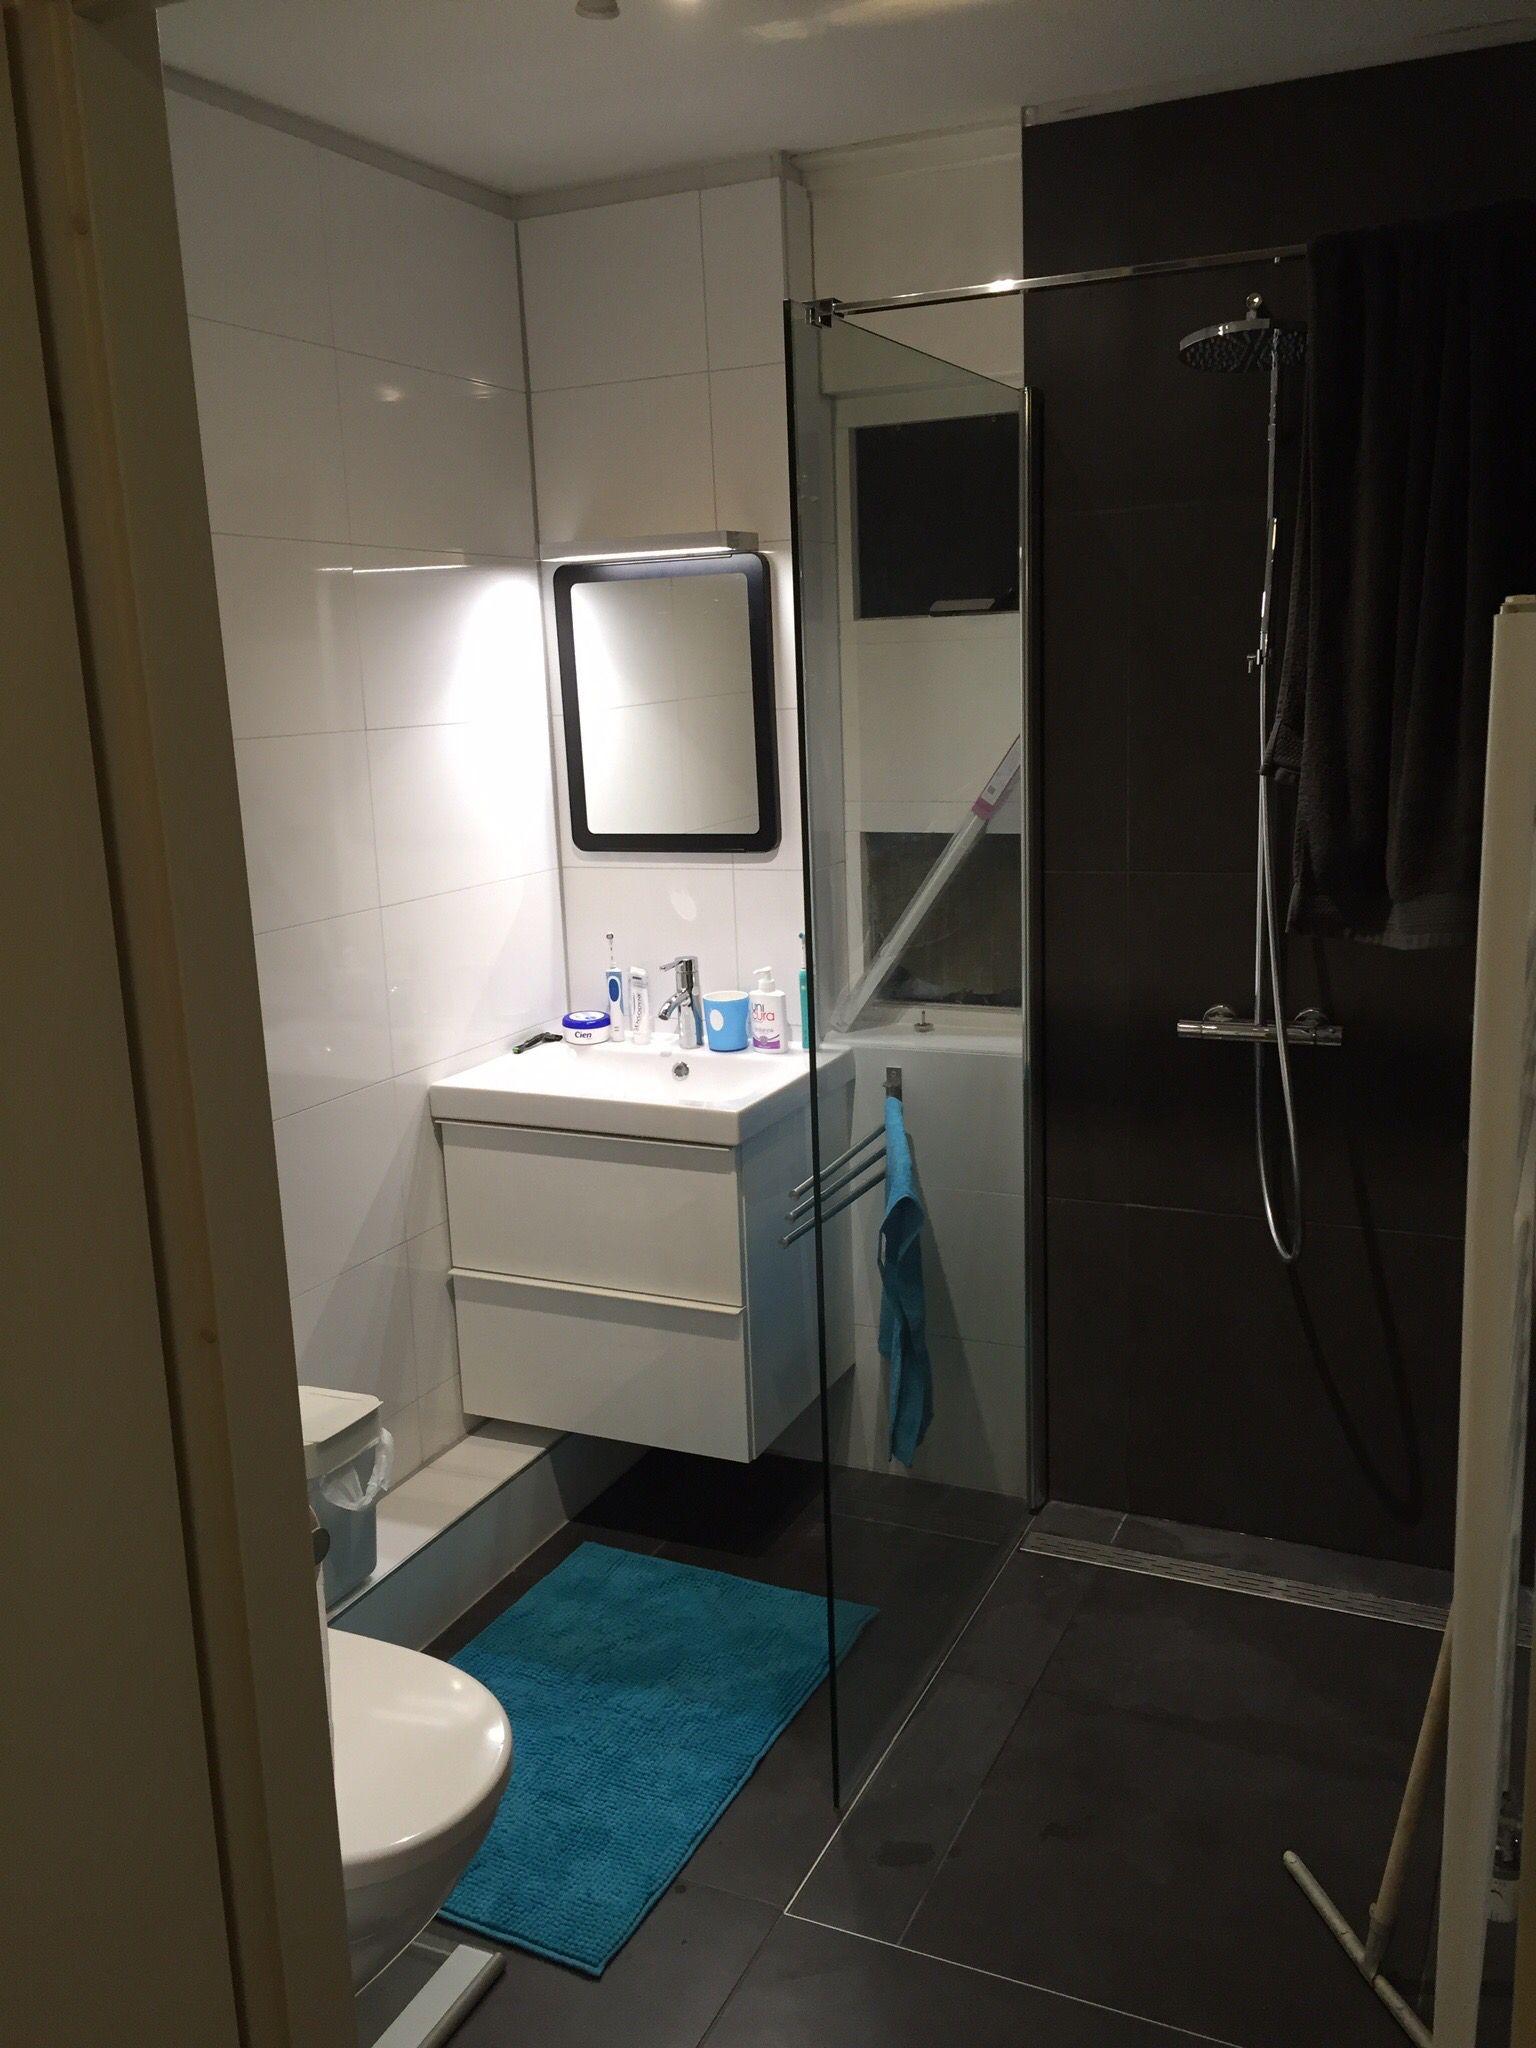 kleine badkamer met inloopdouche wastafel en toilet eigen